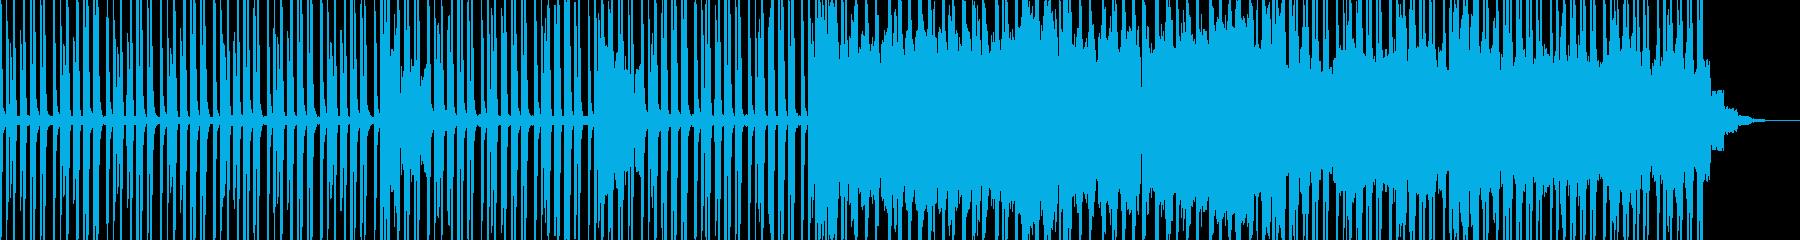 晴れの日にお散歩的なBGM_BGM006の再生済みの波形